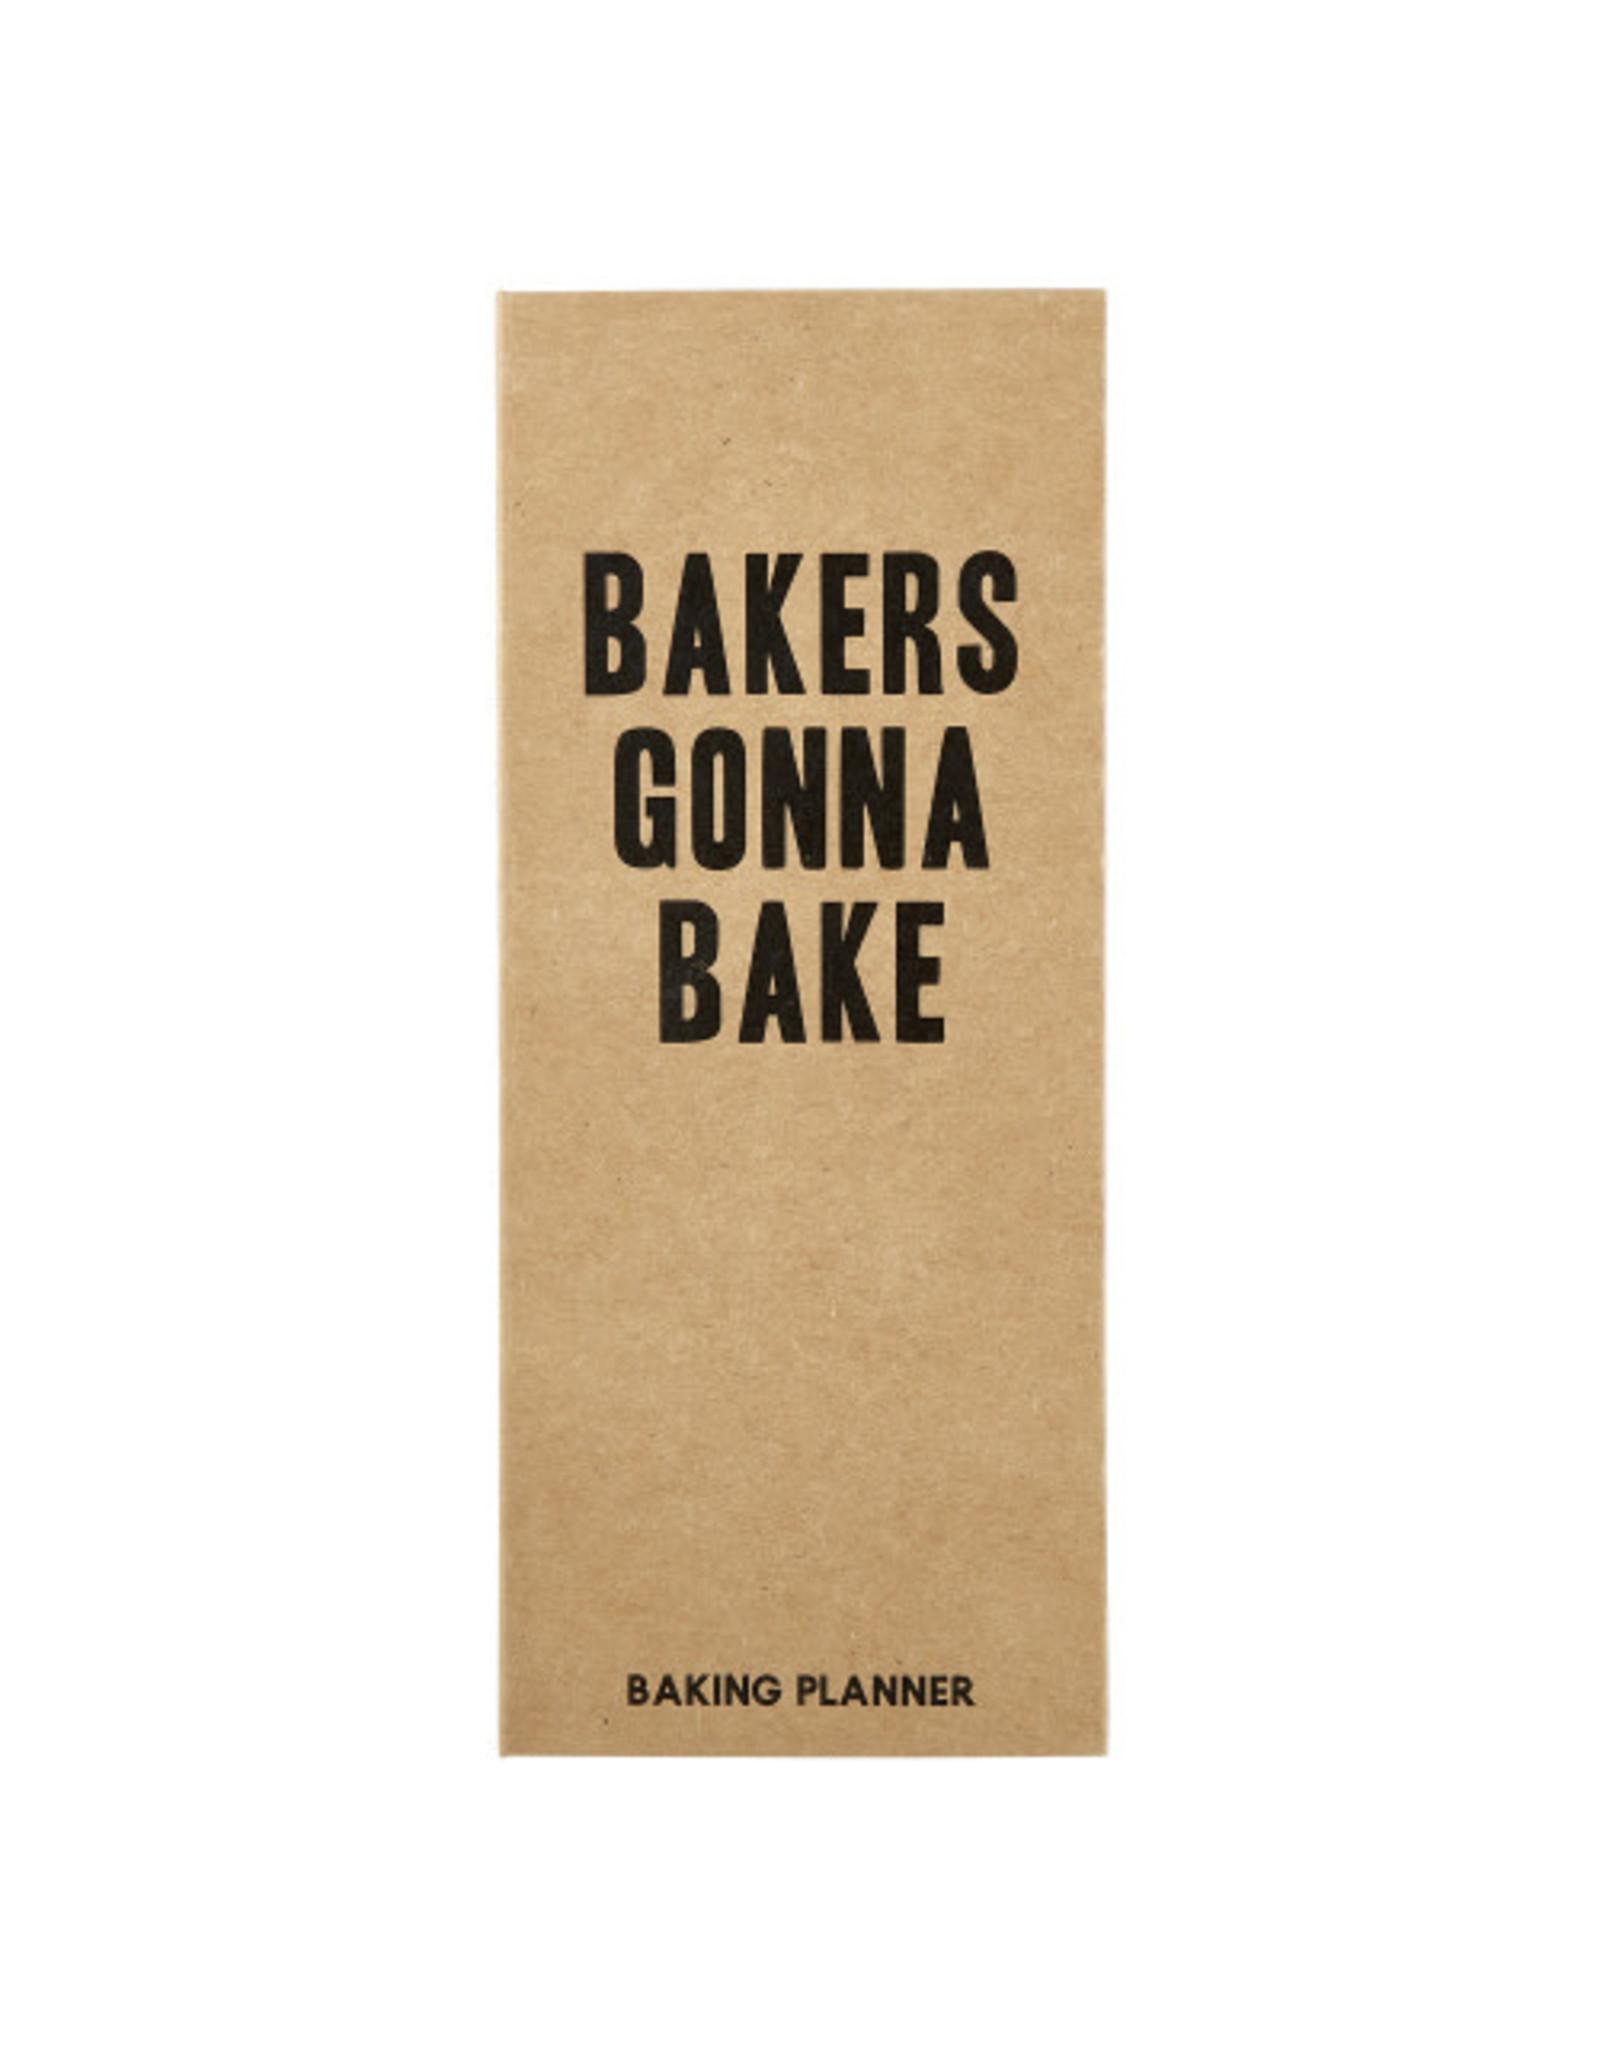 Creative Brands Baker's Gonna Bake Planner